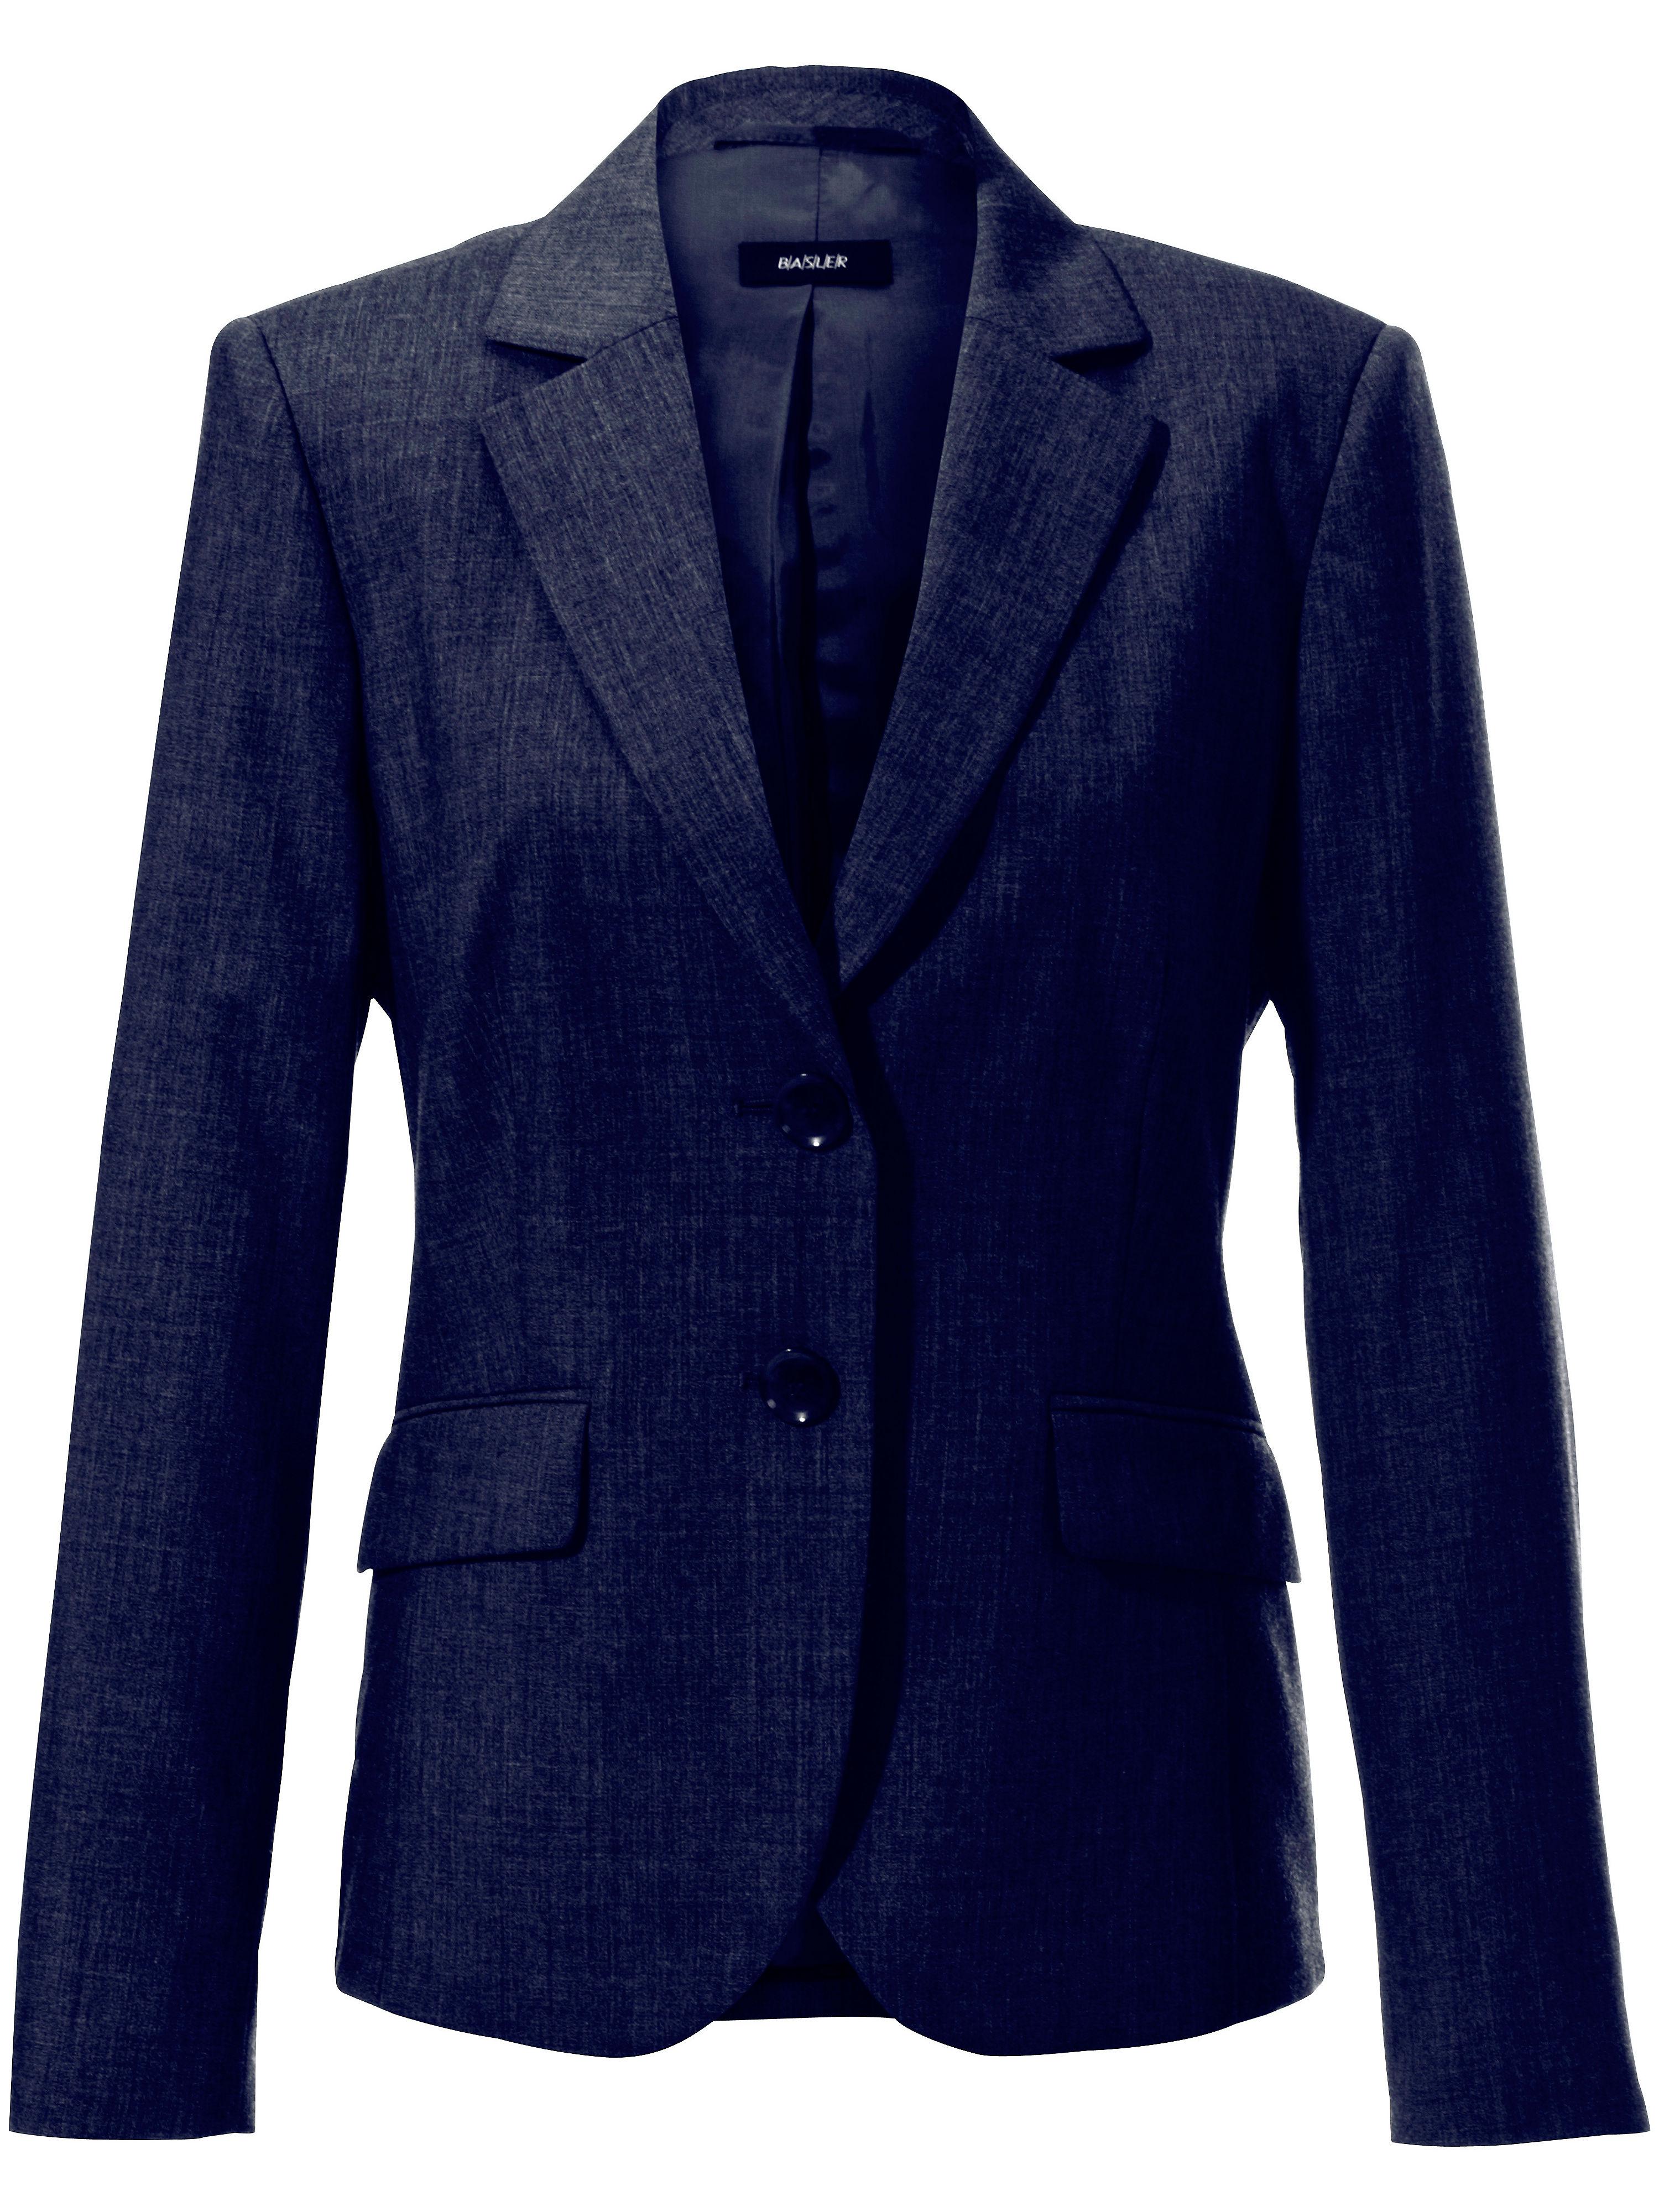 Image of   Blazer 100% ren ny uld Fra Basler blå